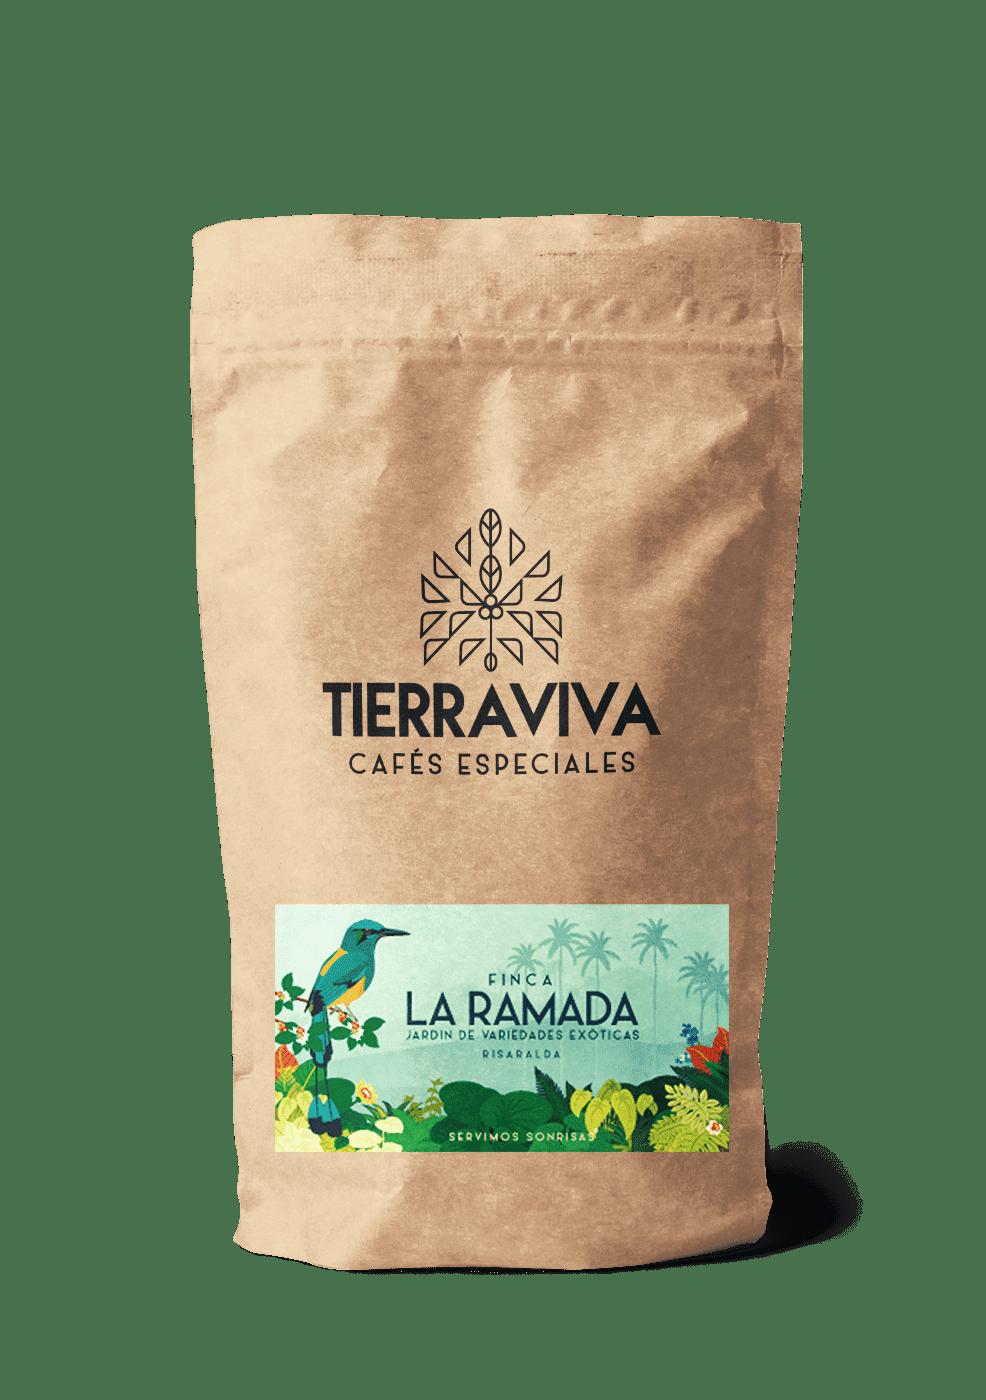 La ramada | Tierraviva está hecho de sonrisas. Nos mueve la idea de que los cafés especiales son un vehículo de felicidad; desde nuestros caficultores quienes reciben remuneración justa, hasta nuestros consumidores quienes disfrutan tazas increíbles